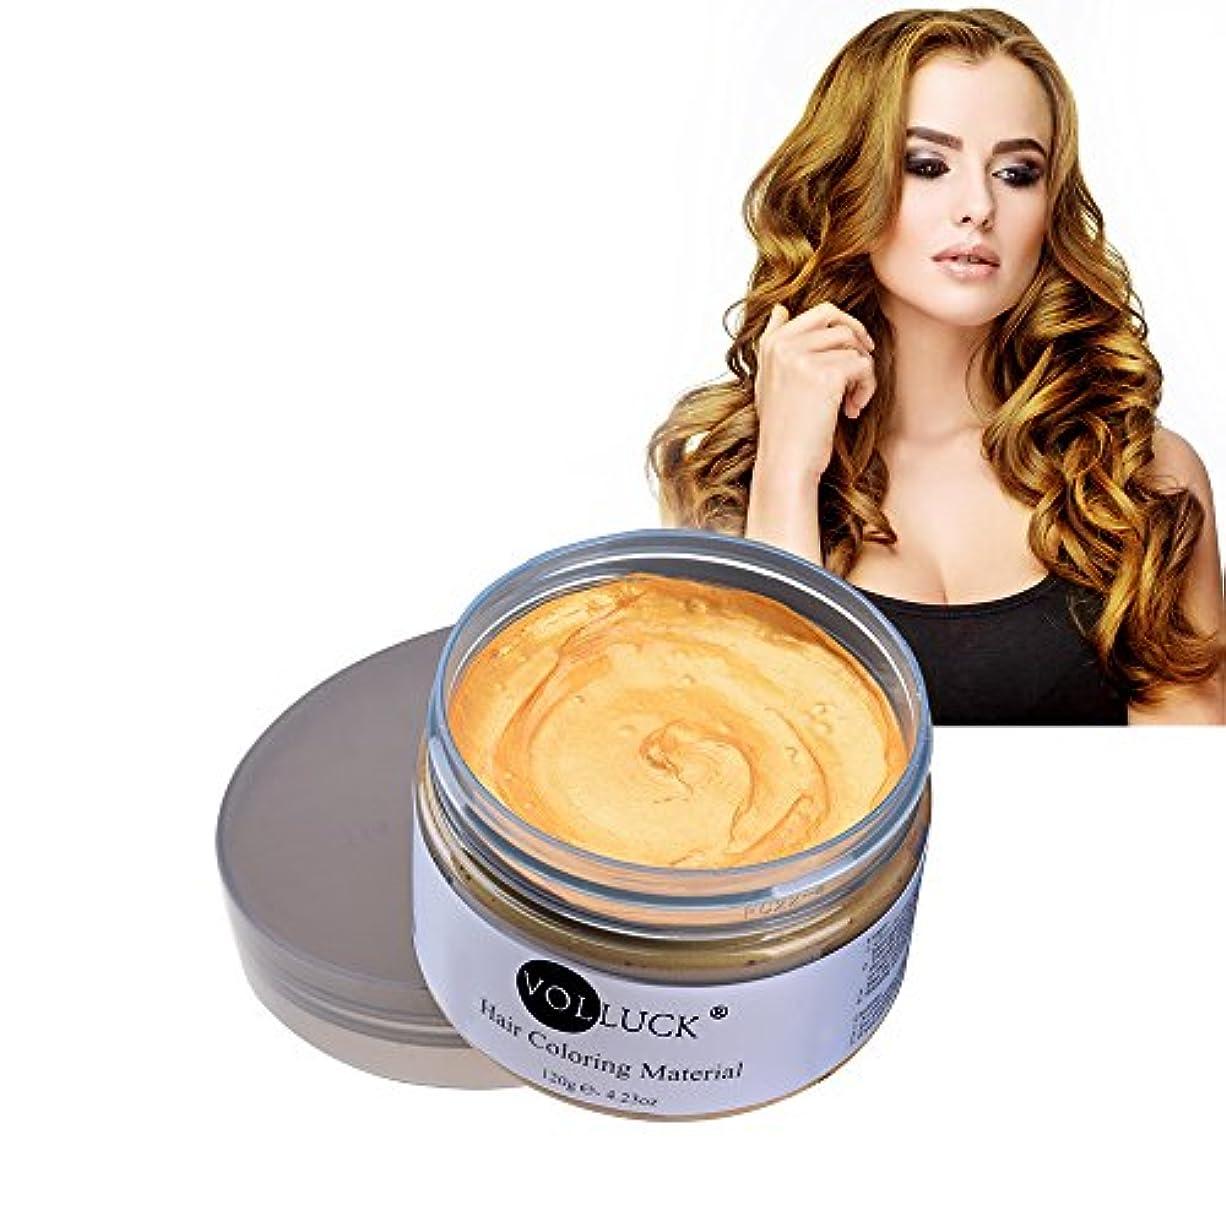 本能物理的にプロフェッショナルVOLLUCK ヘアカラーワックス たっぷり120g (ゴールド)Hair color Wax ビーズワックス他ナチュラル成分【並行輸入品】